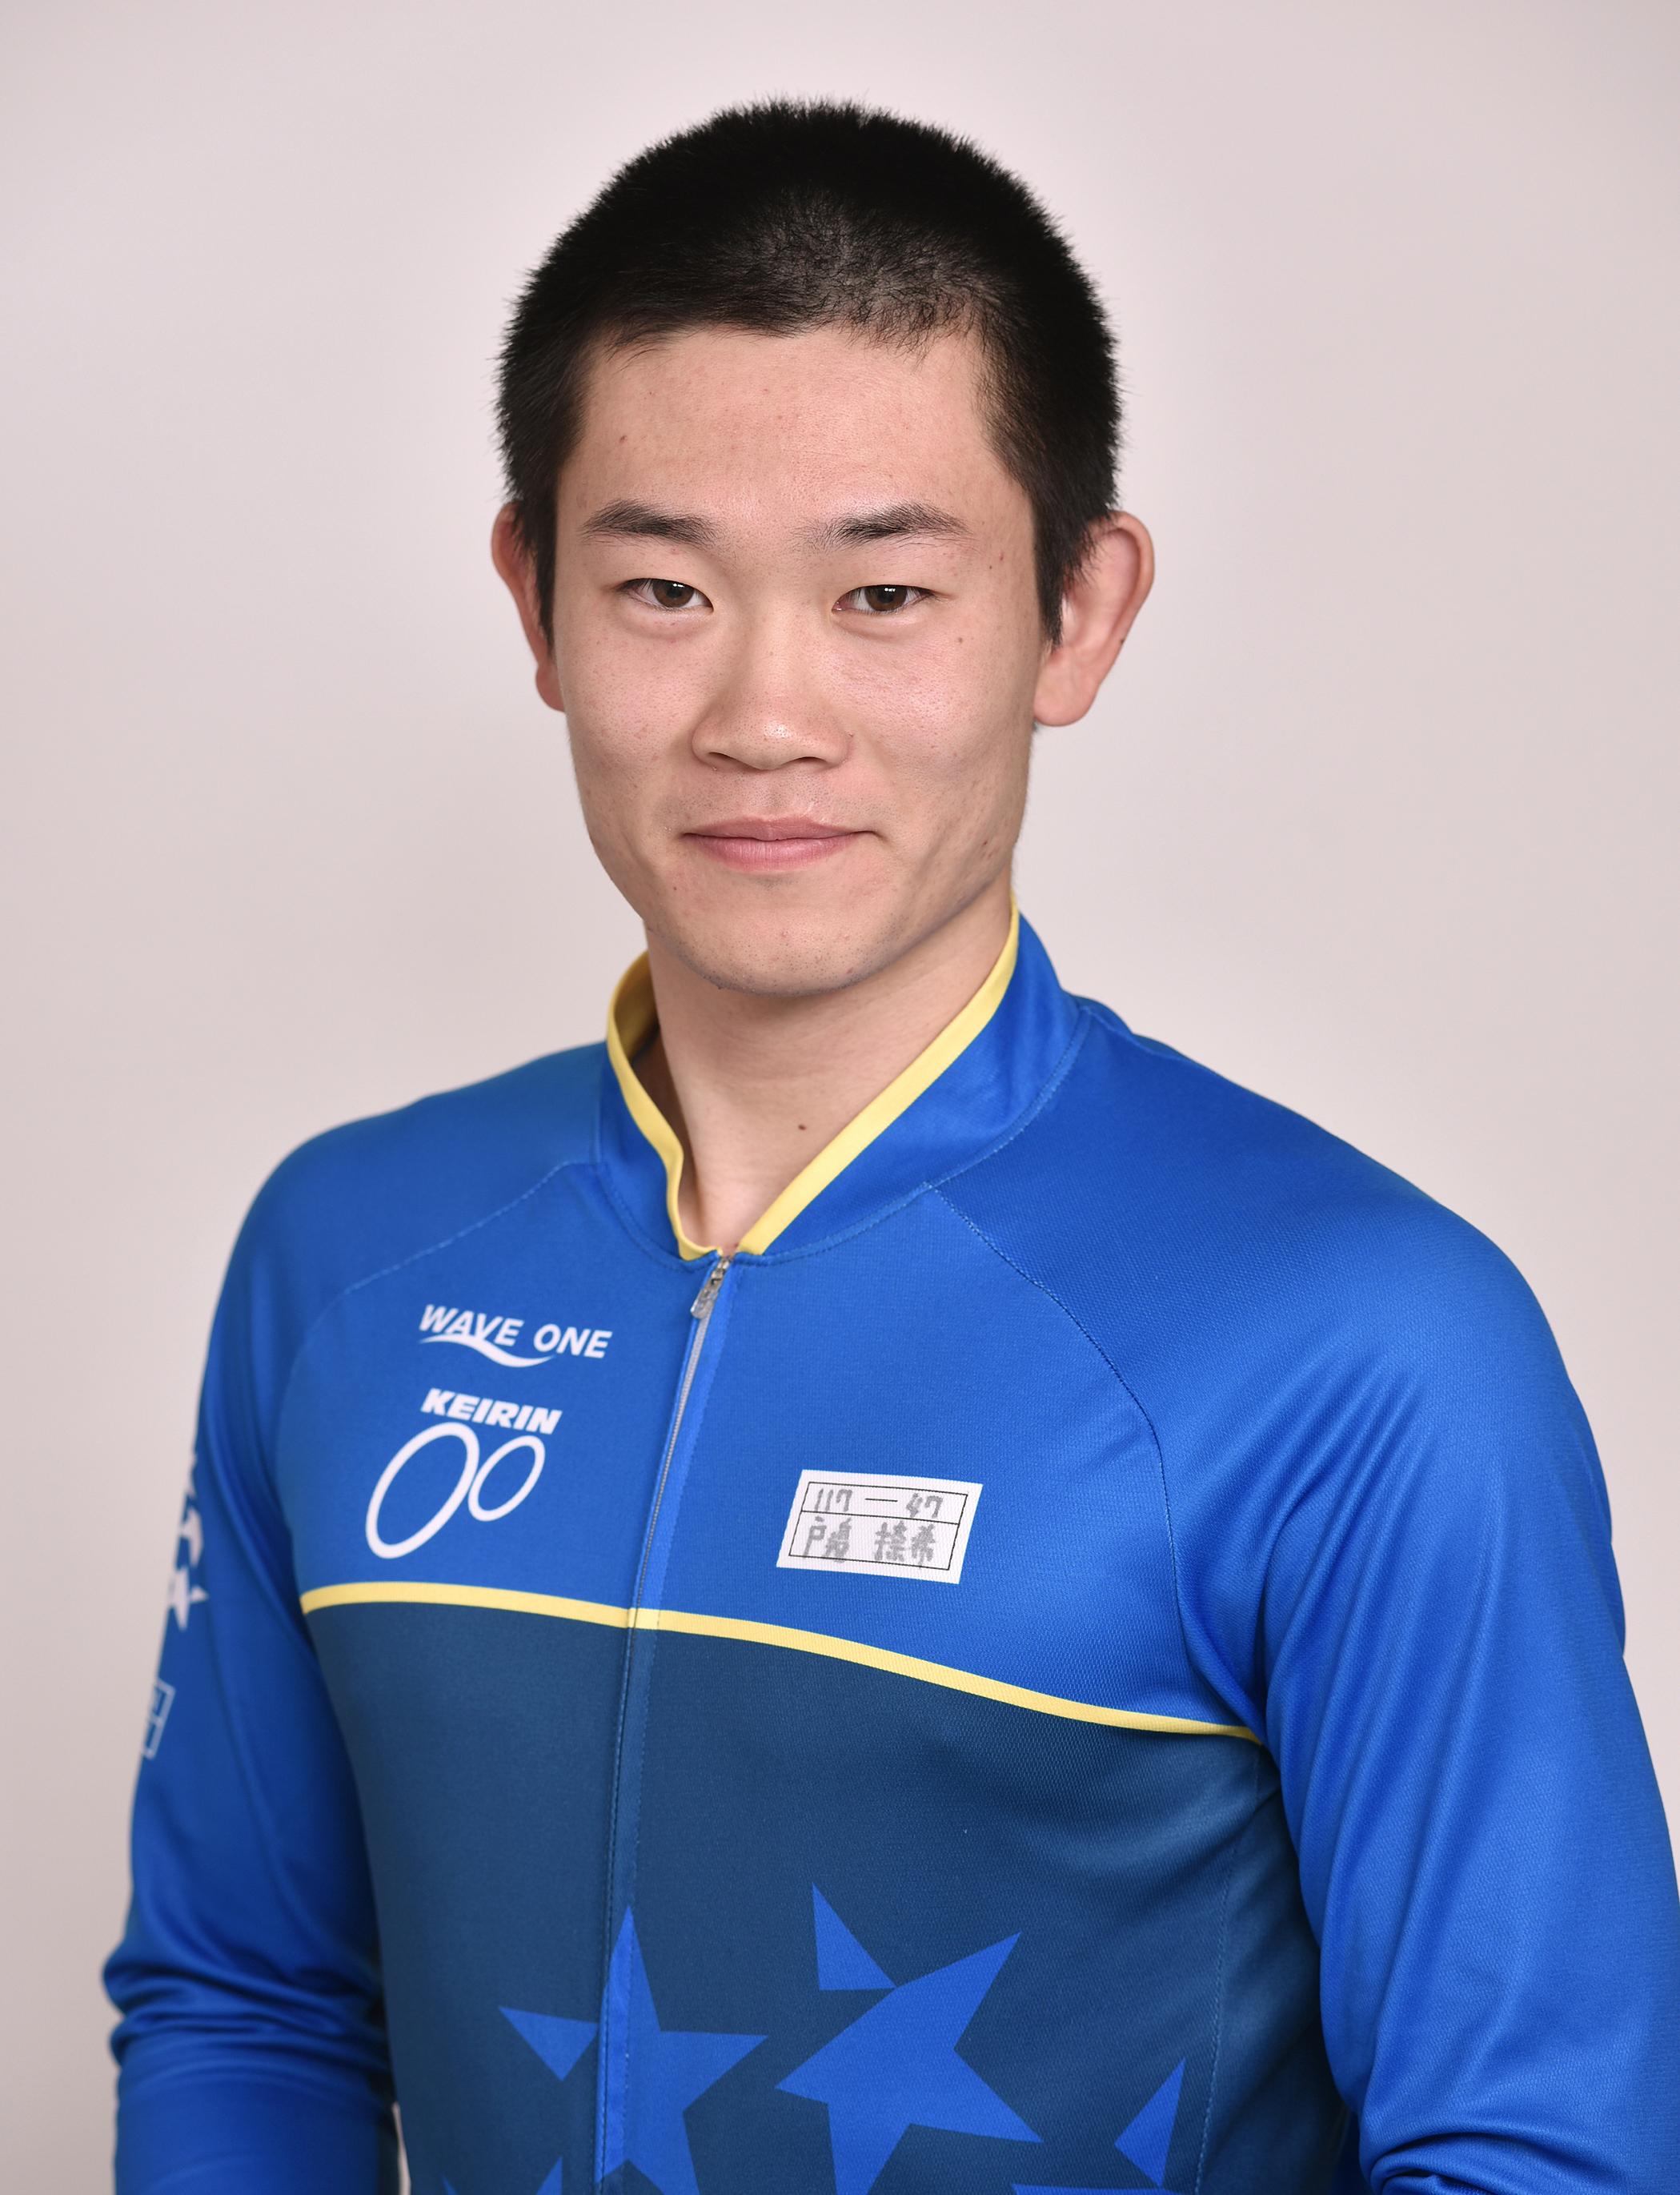 戸邉 捺希選手の顔写真